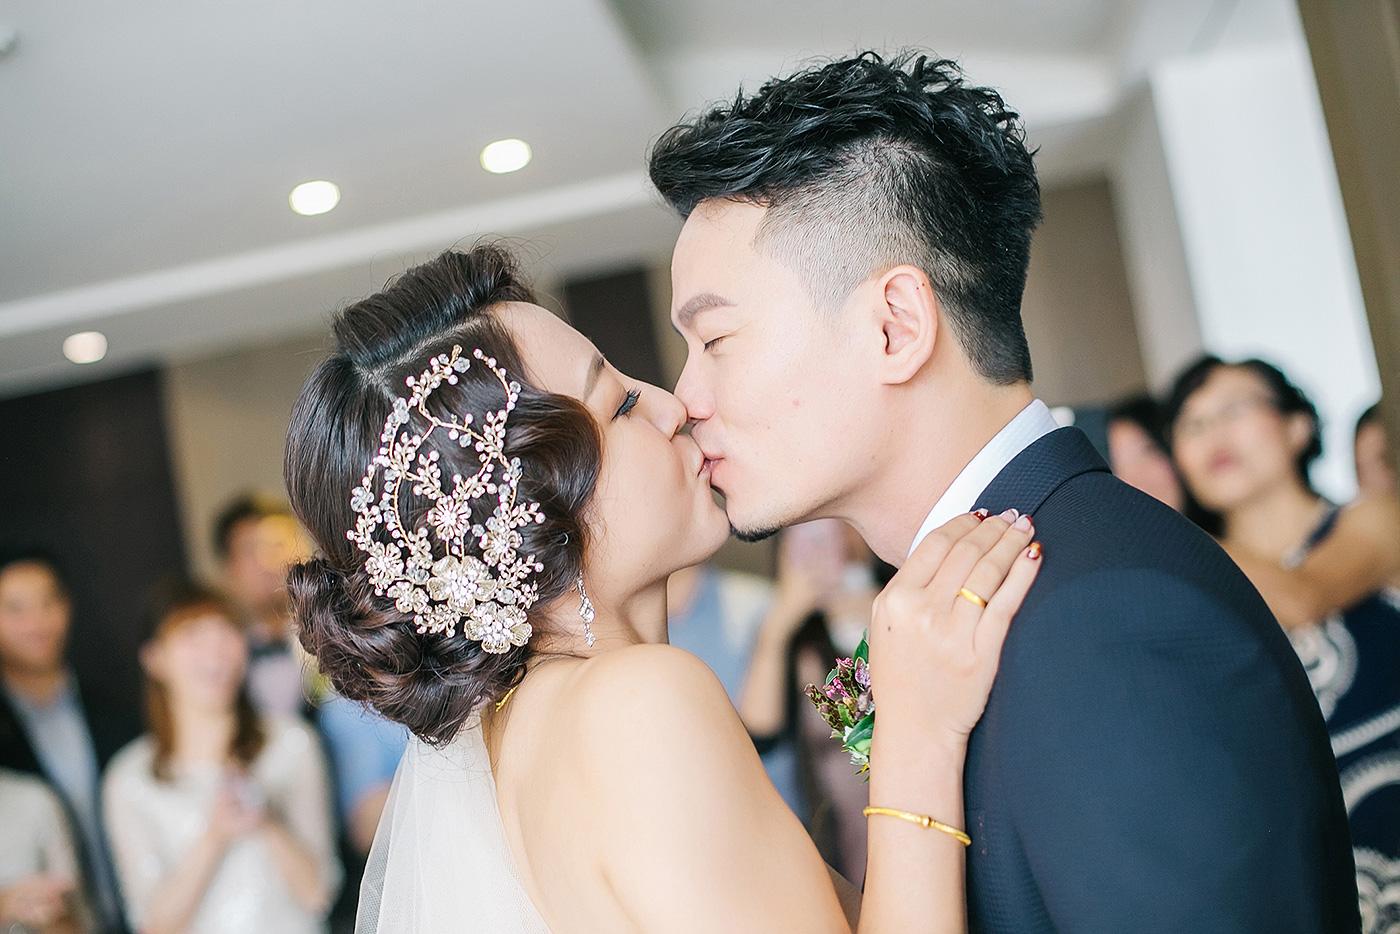 nickchang_wedding_finart-22